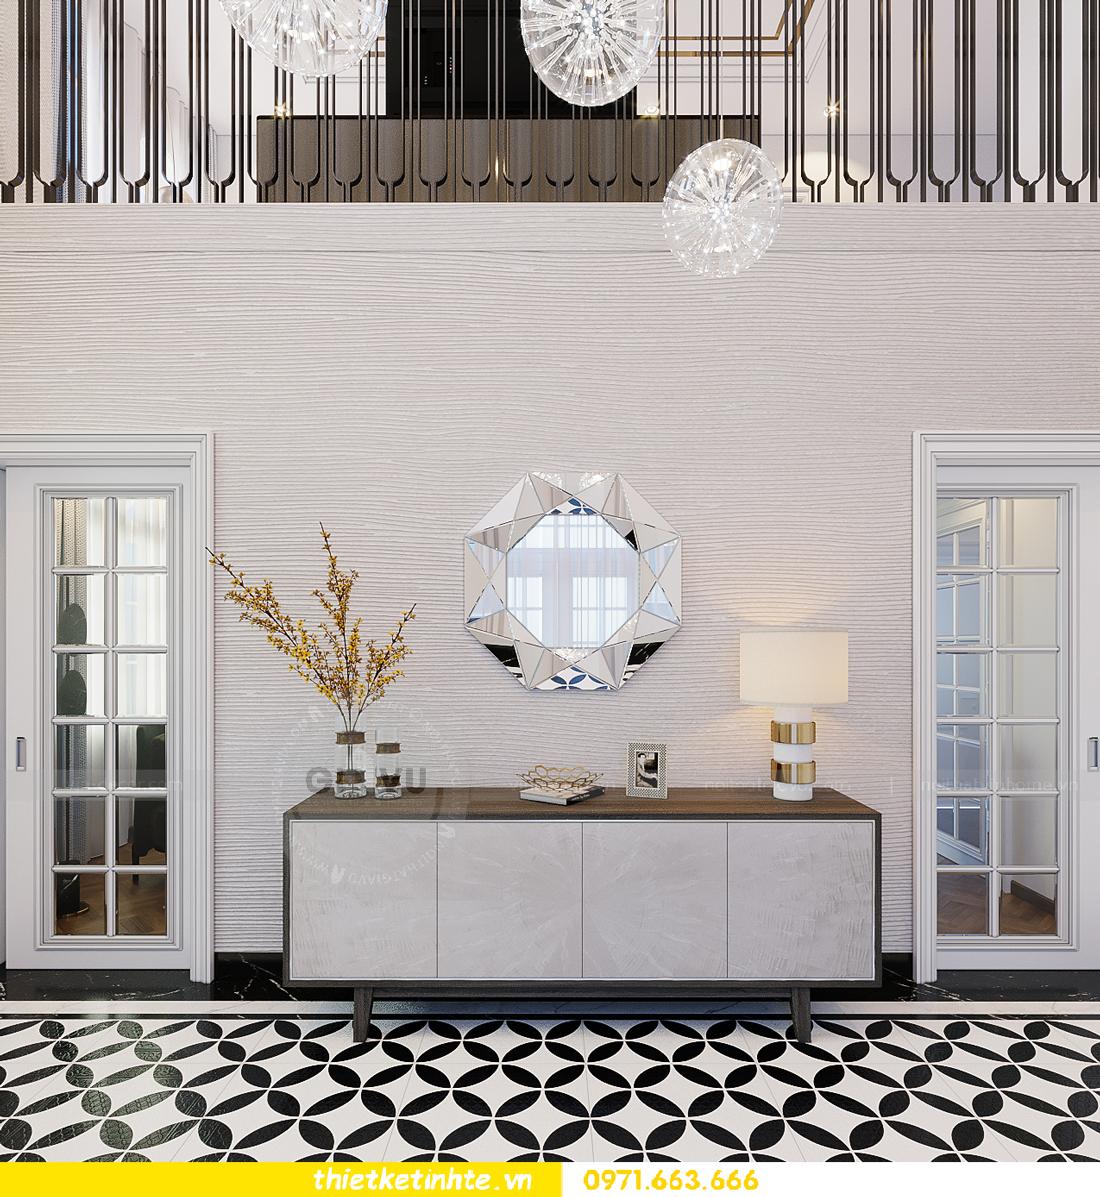 thiết kế thi công nội thất biệt thự Ngọc Trai Vinhomes Ocean Park 1